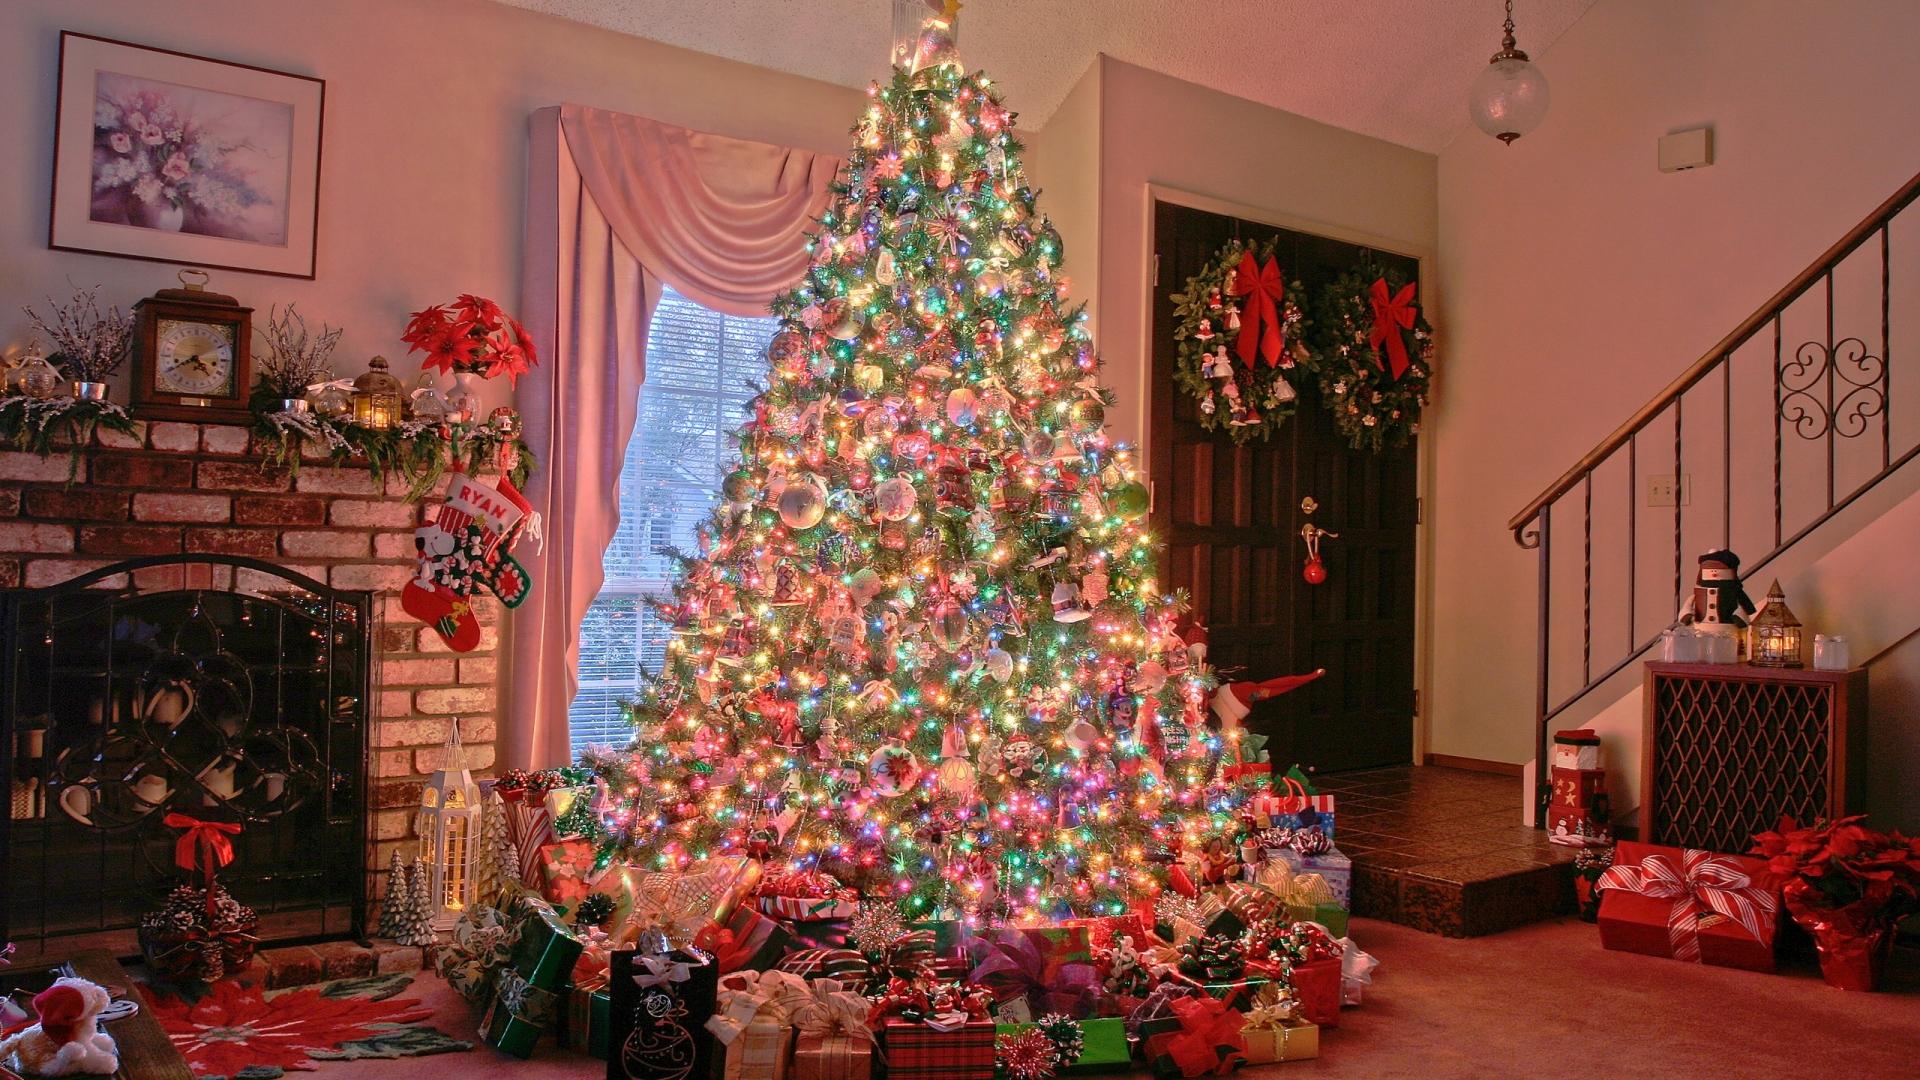 Como decorar arbol de navidad en casa - 1920x1080